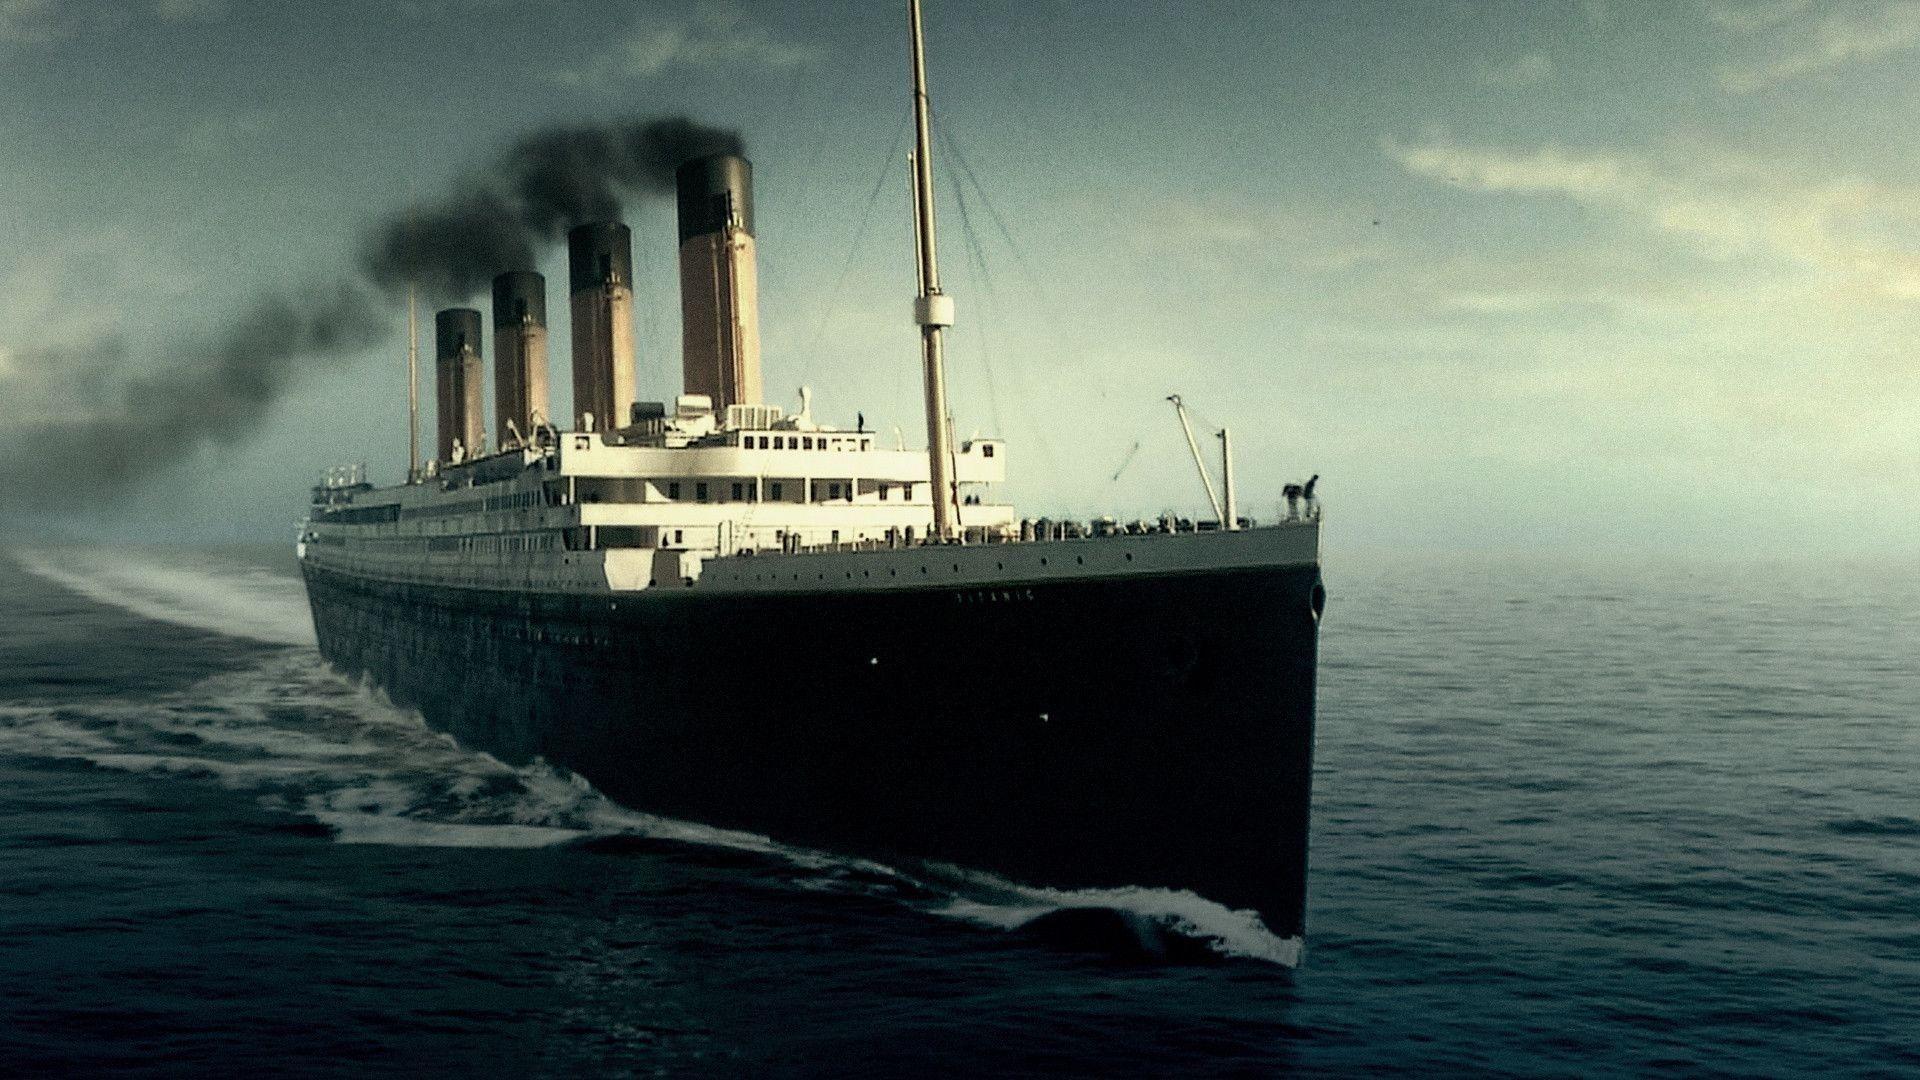 ผลการค้นหารูปภาพสำหรับ titanic wallpaper